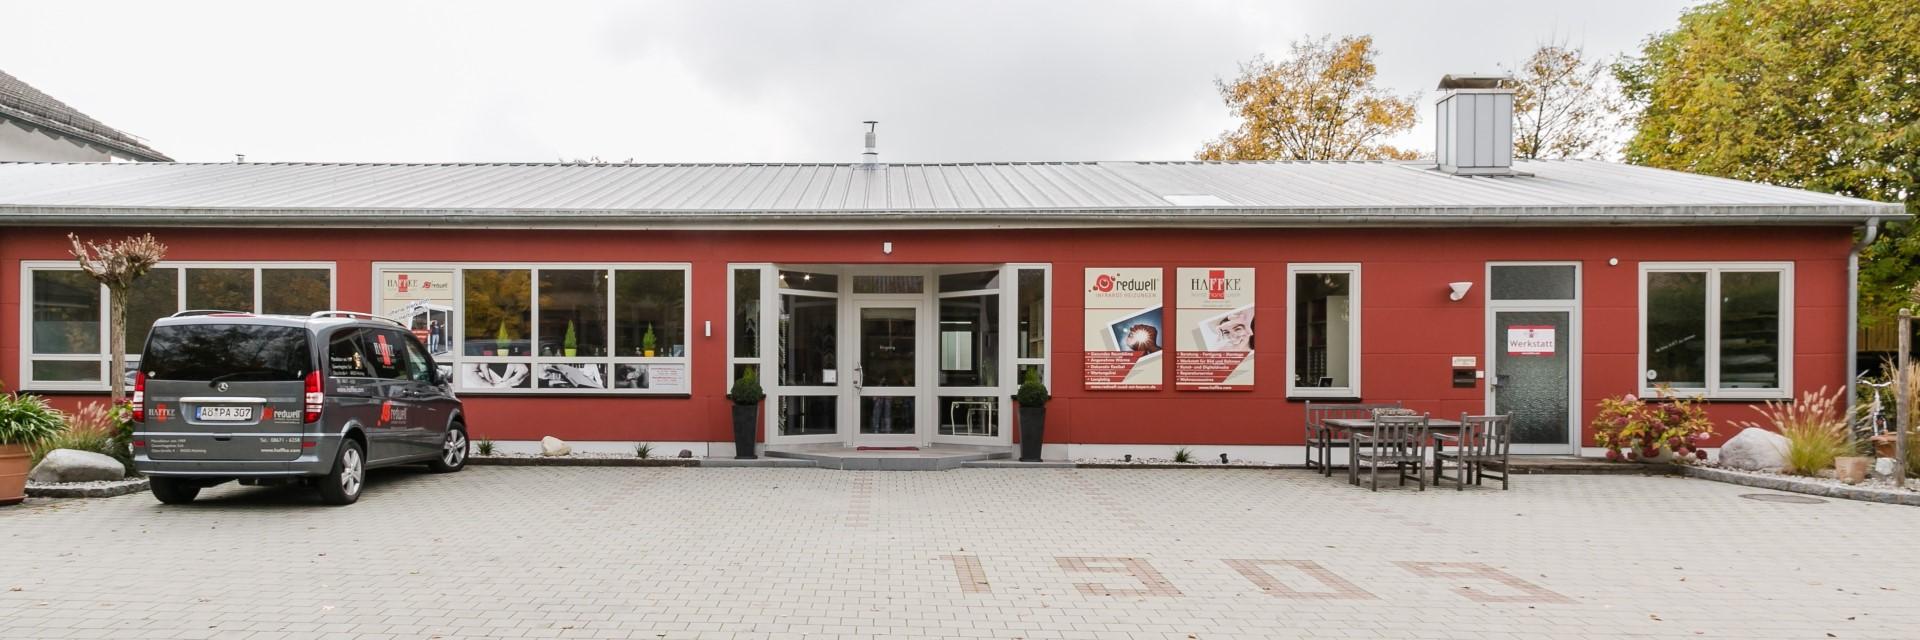 Werkstatt-Aussenansicht57b2d1fe55503